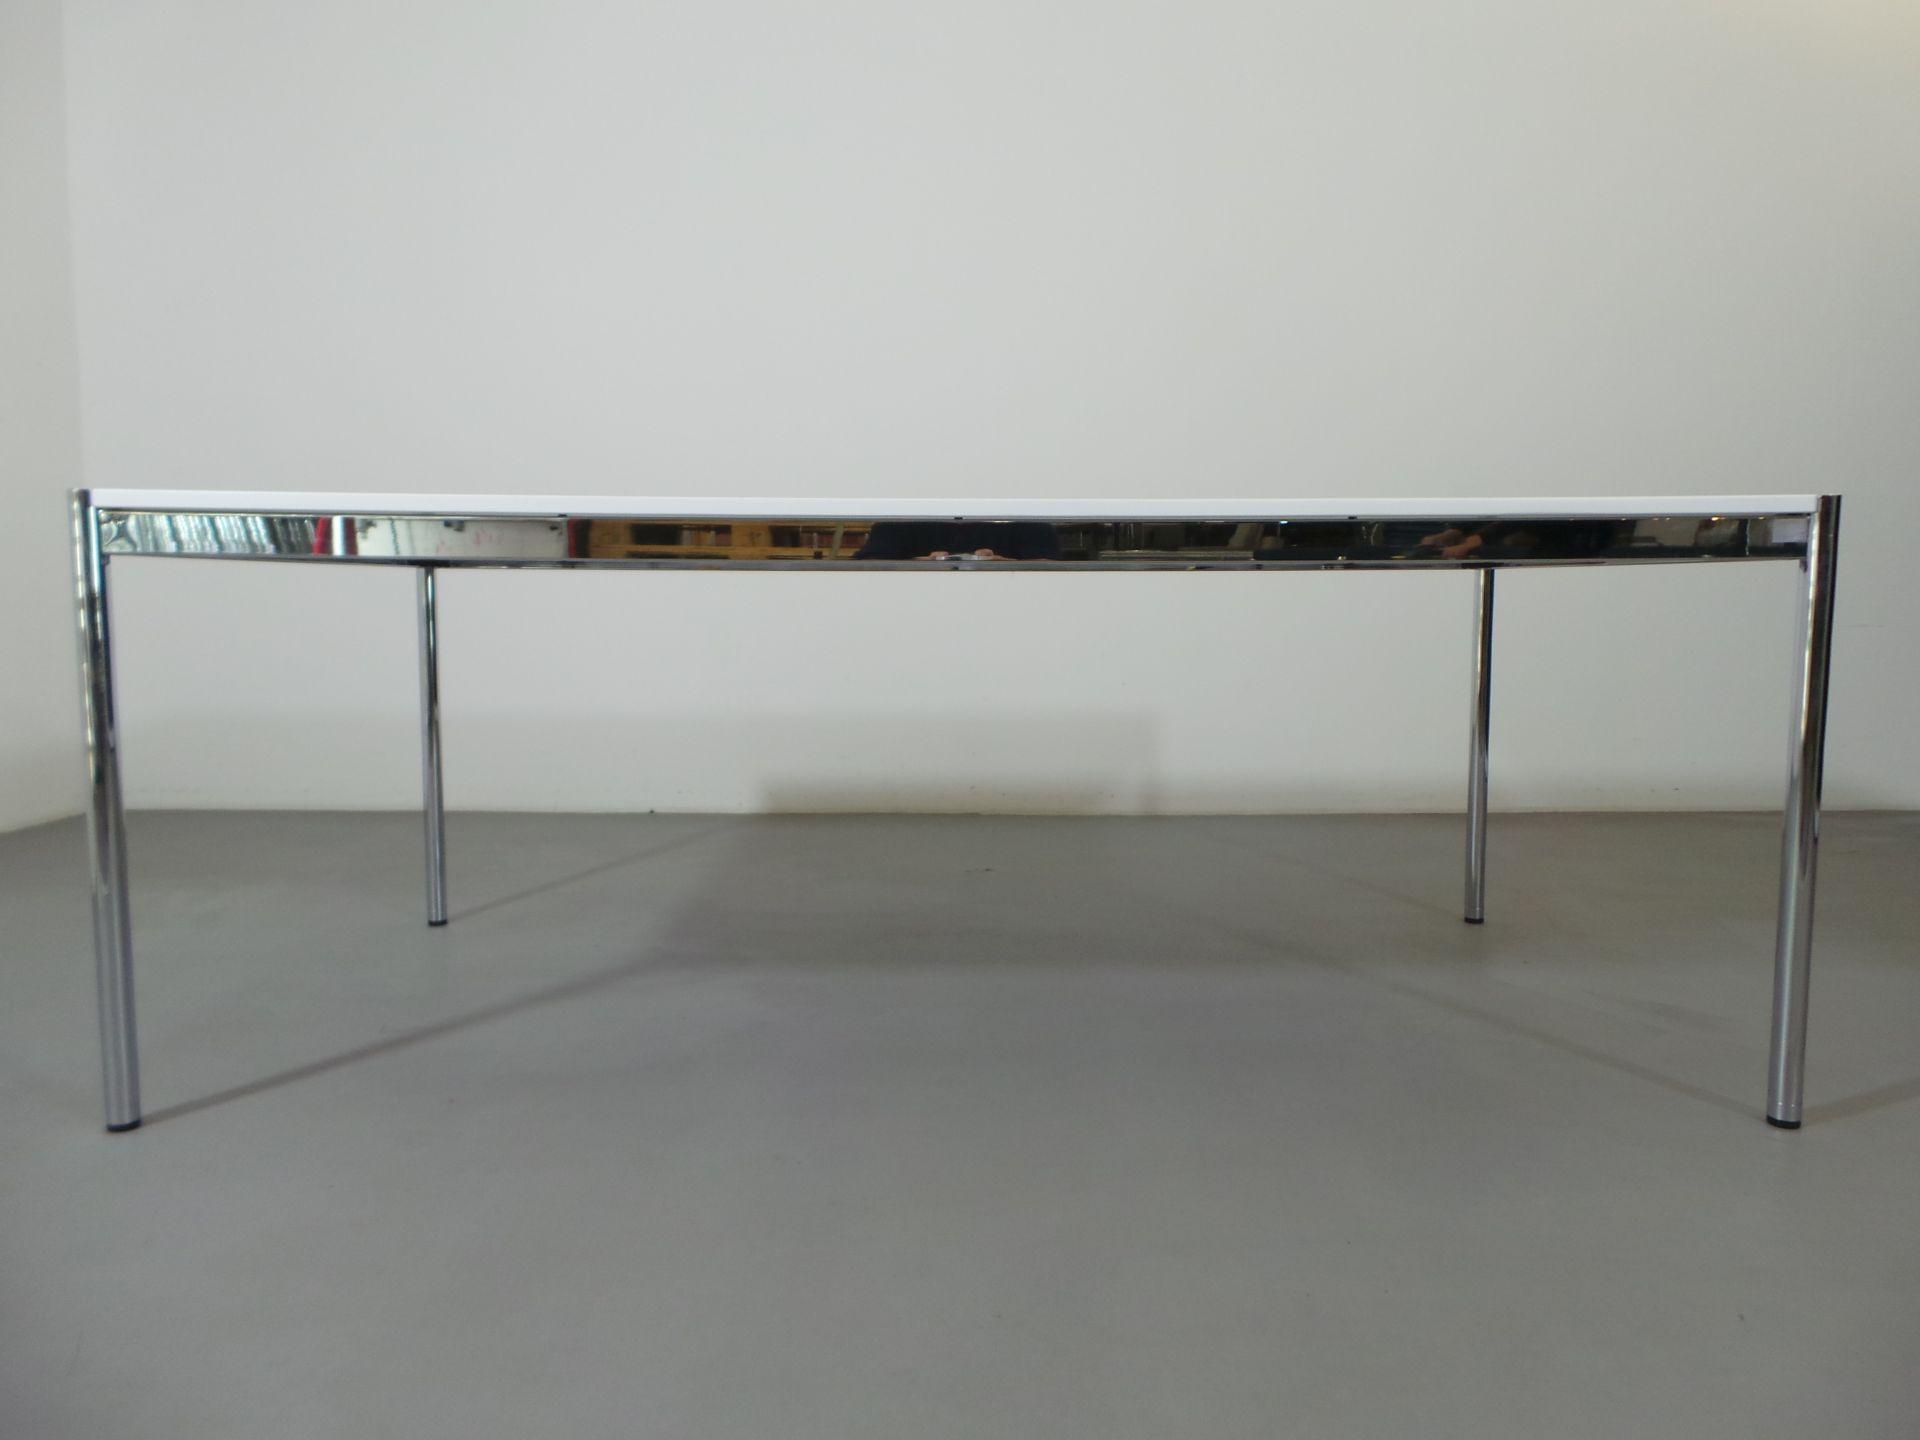 usm haller schreibtisch konferenztisch holz lackiert wei 200 cm x 100 cm arttolive by ralph. Black Bedroom Furniture Sets. Home Design Ideas